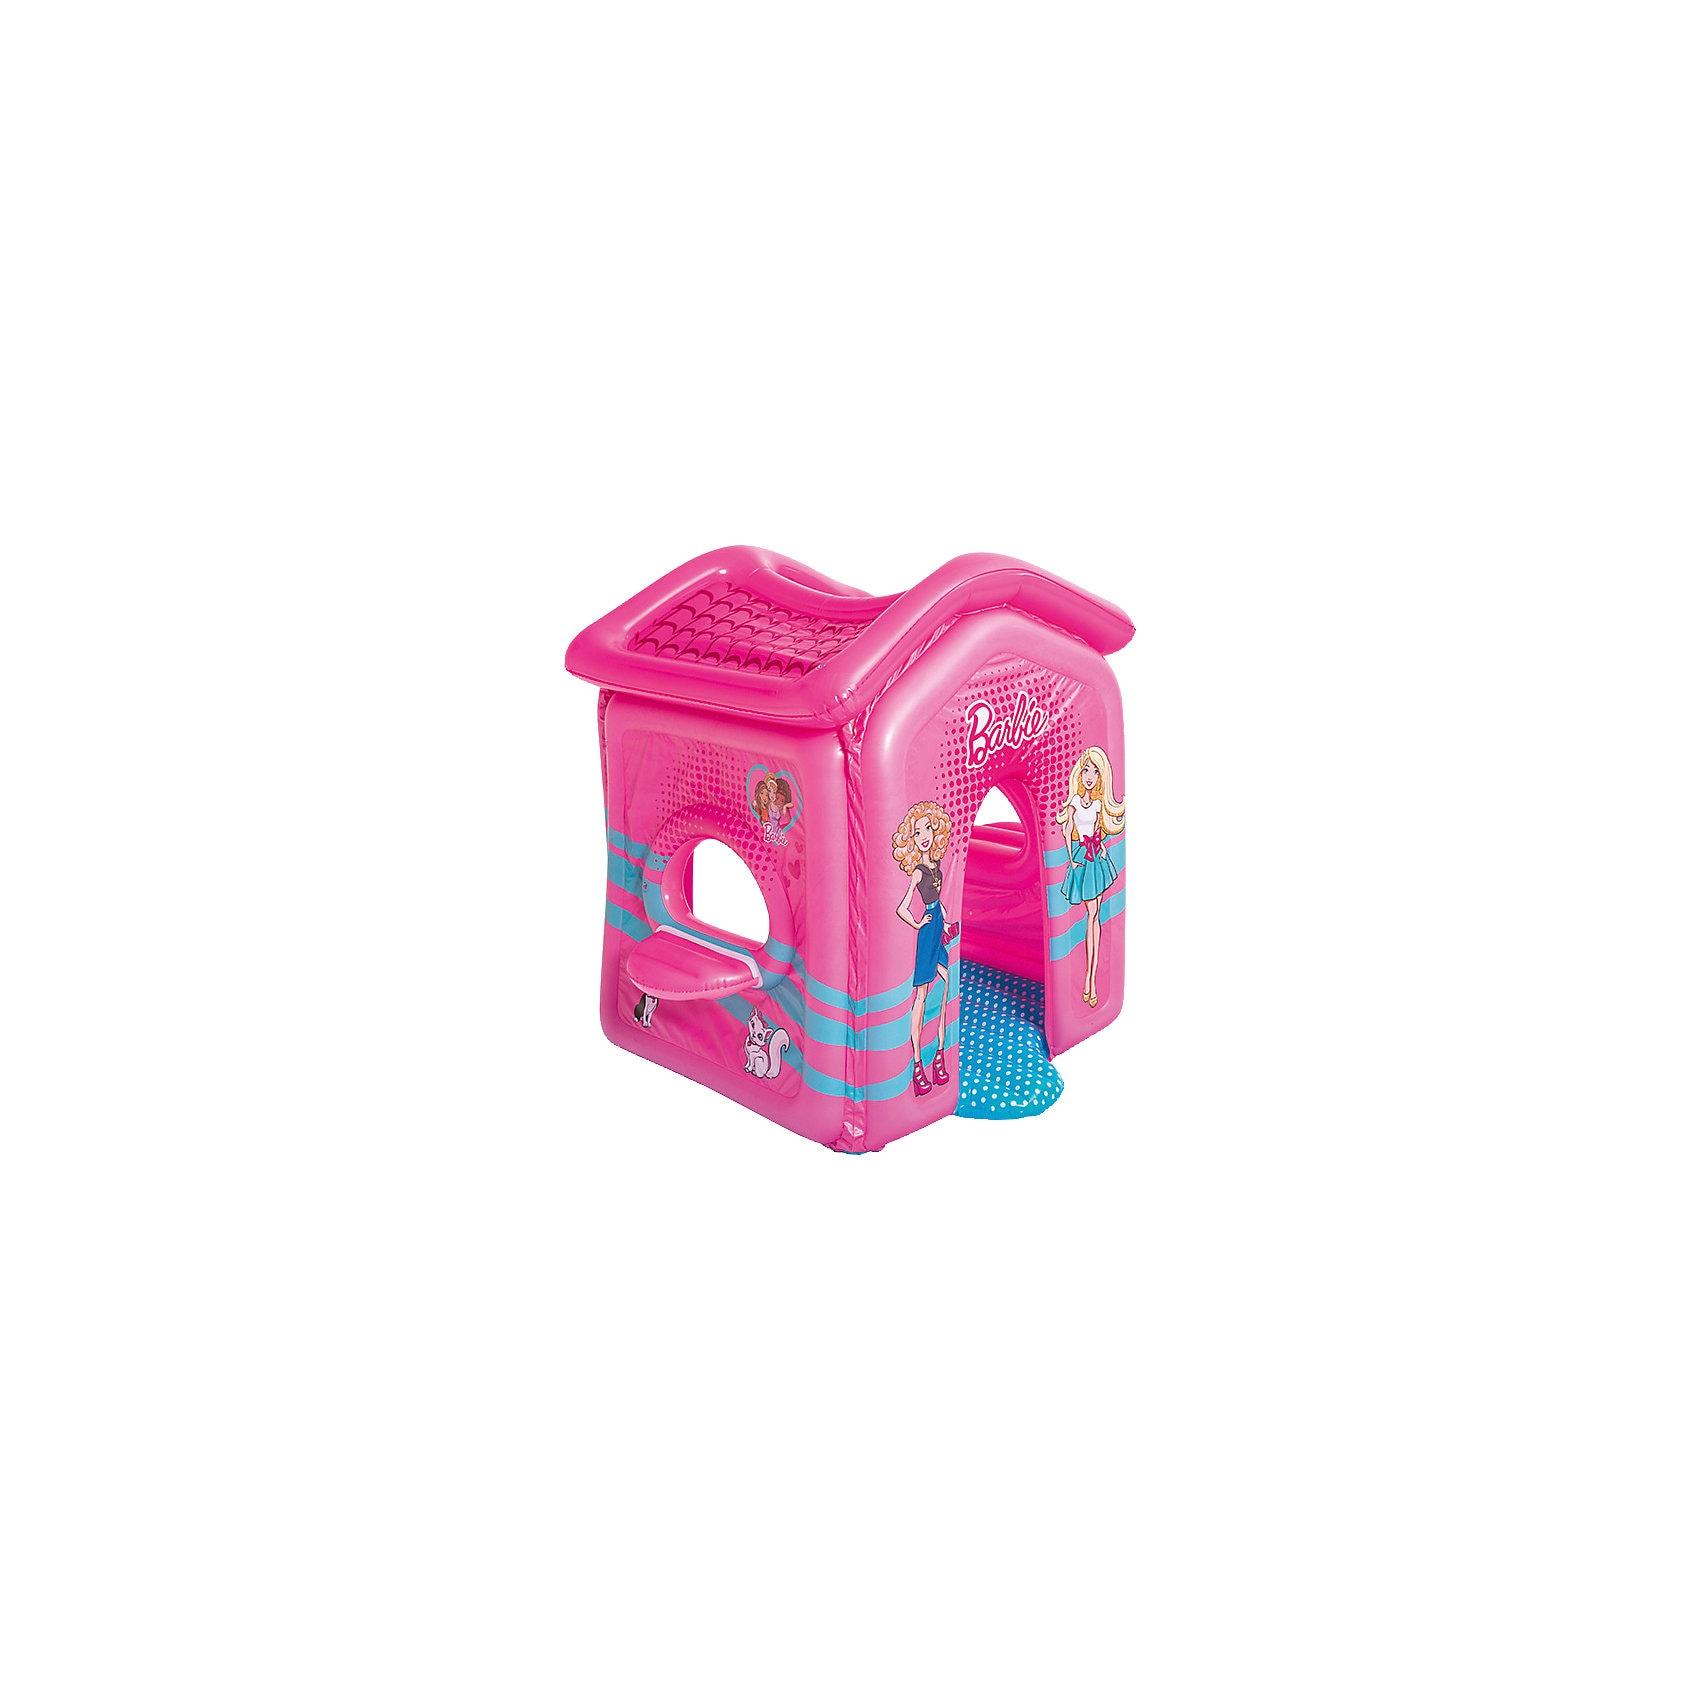 Bestway Aufblasbares Spielhaus Barbie Malibu 150x135x142 cm